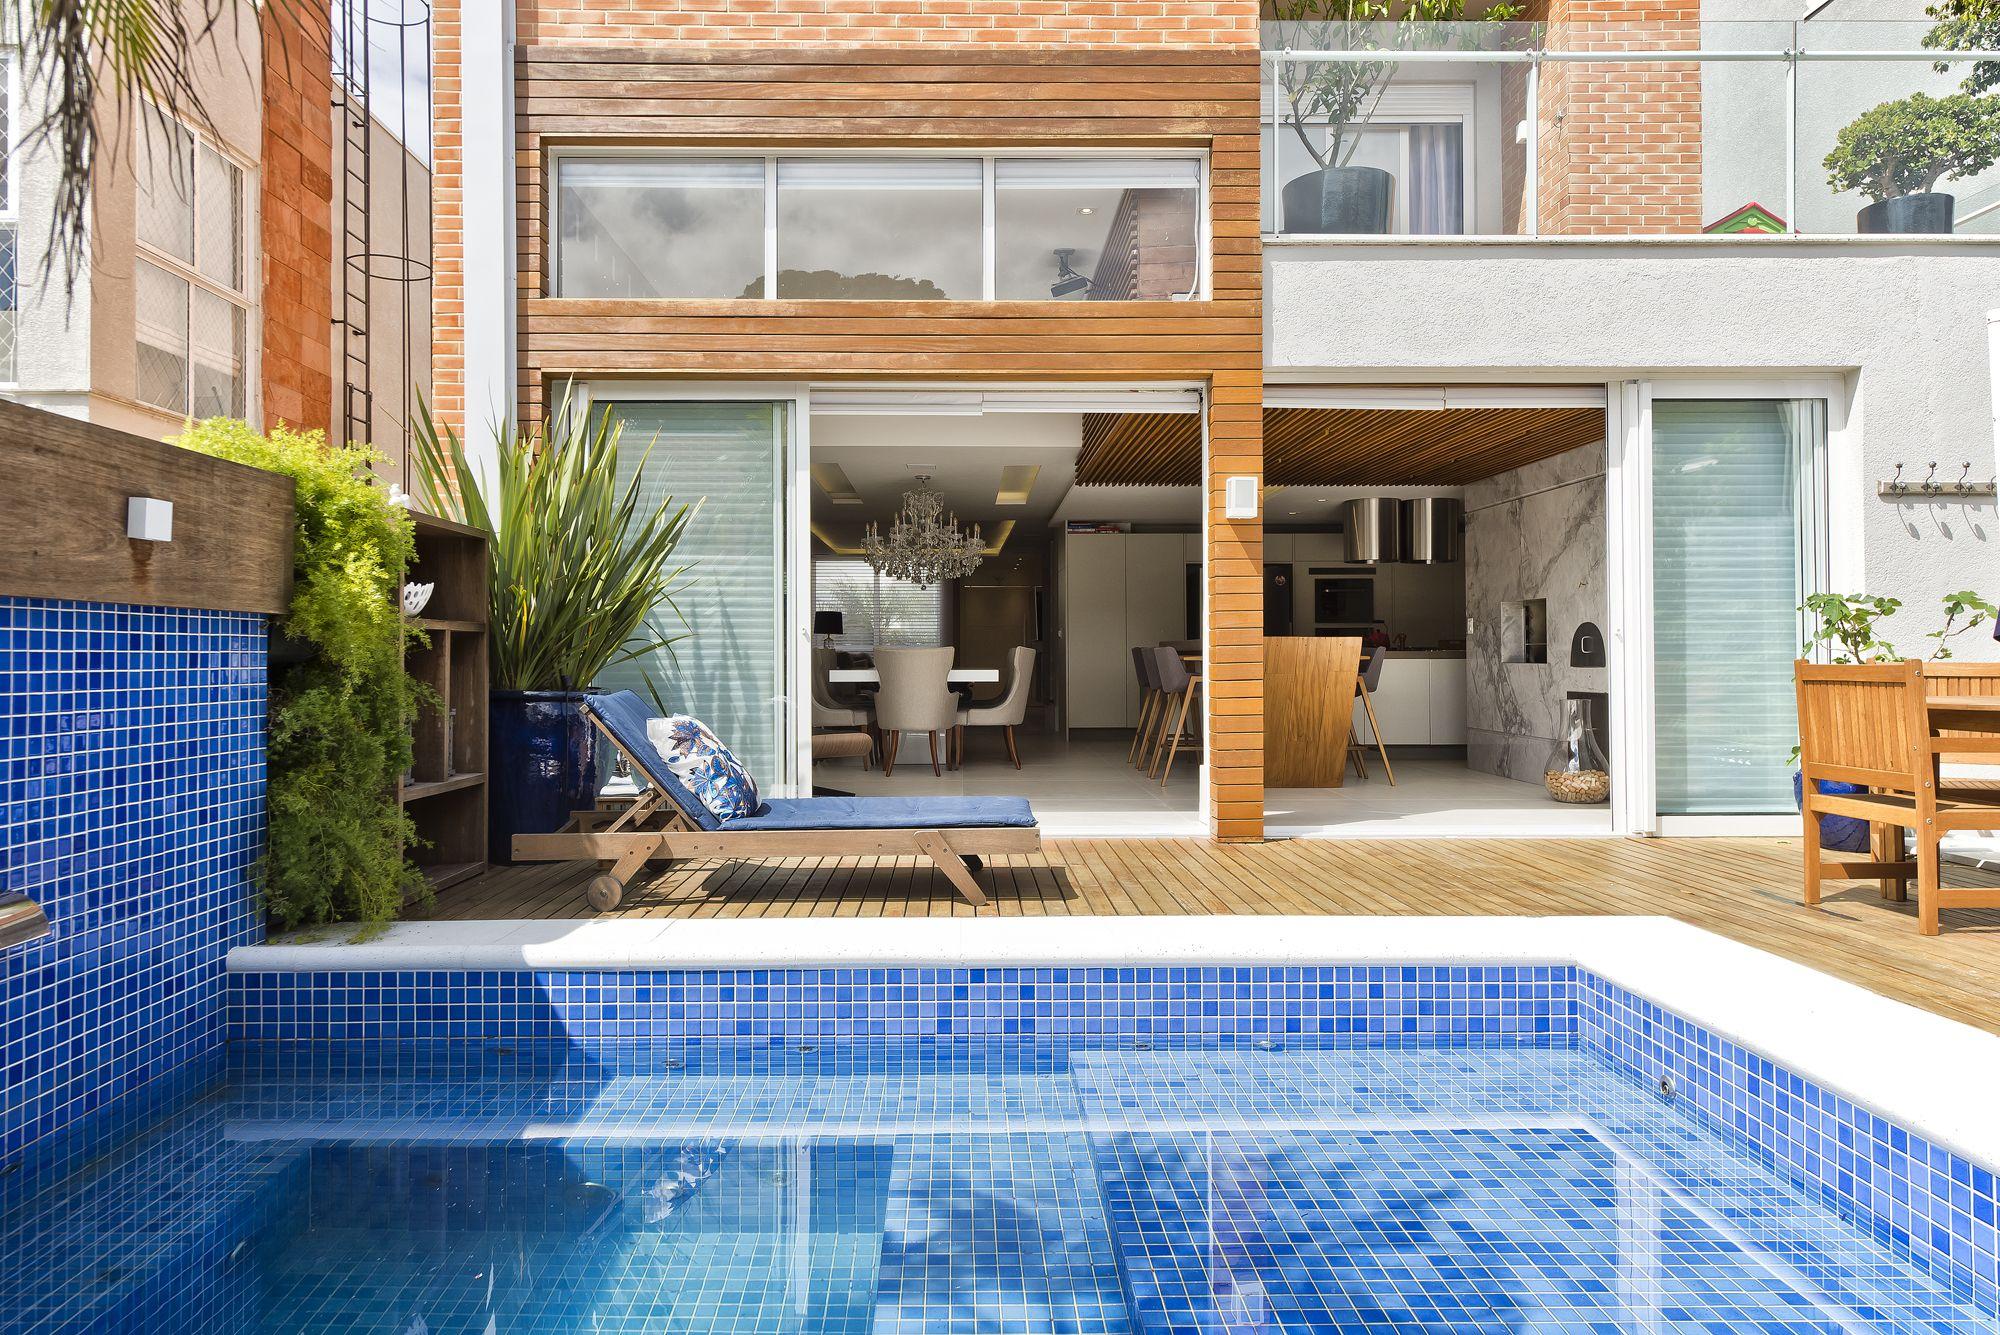 Casa em Curitiba integra as áreas interna e externa